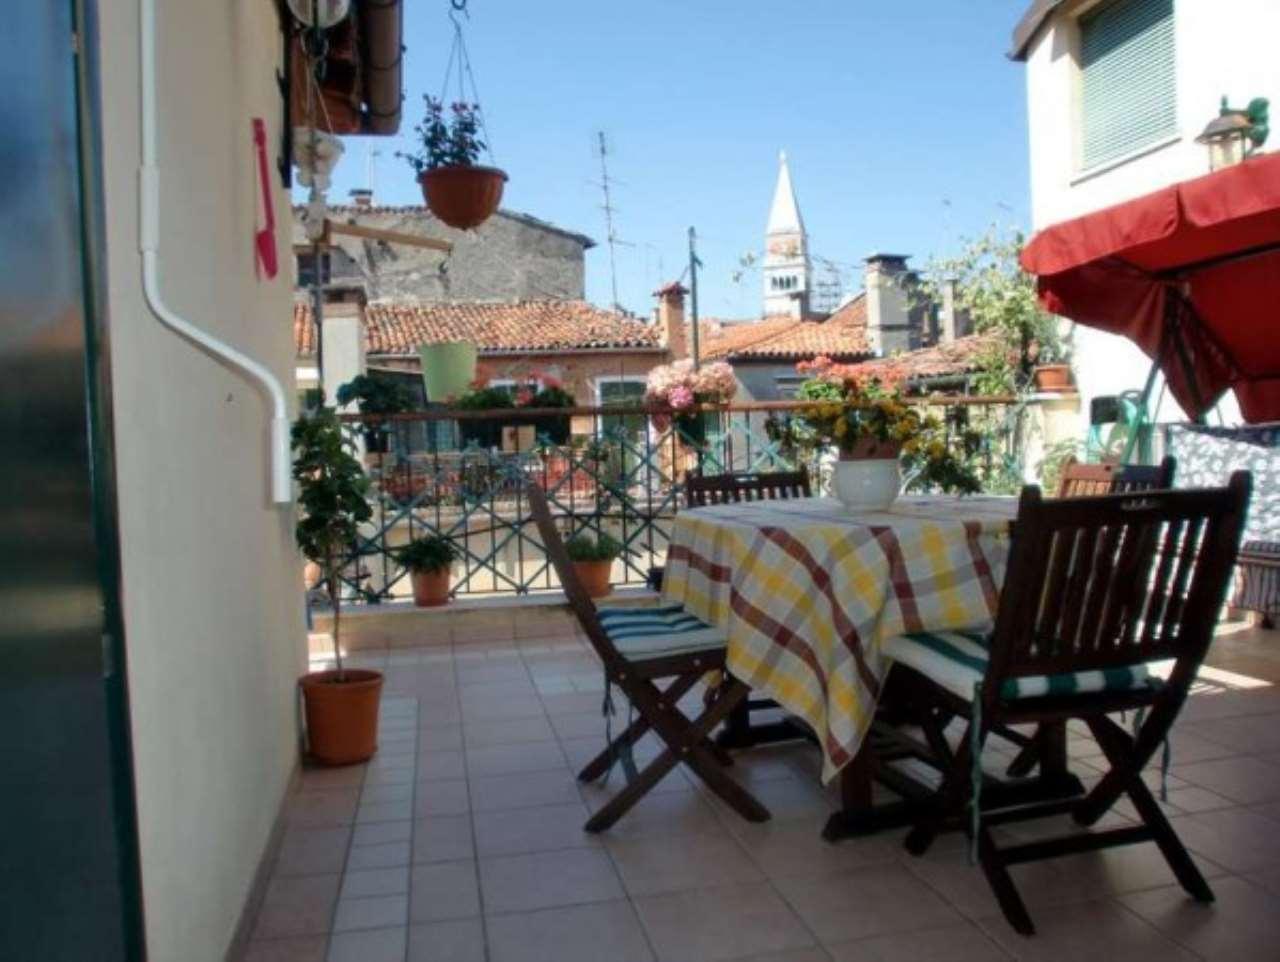 Appartamento in vendita a Venezia, 6 locali, zona Zona: 4 . Castello, prezzo € 1.200.000   Cambio Casa.it